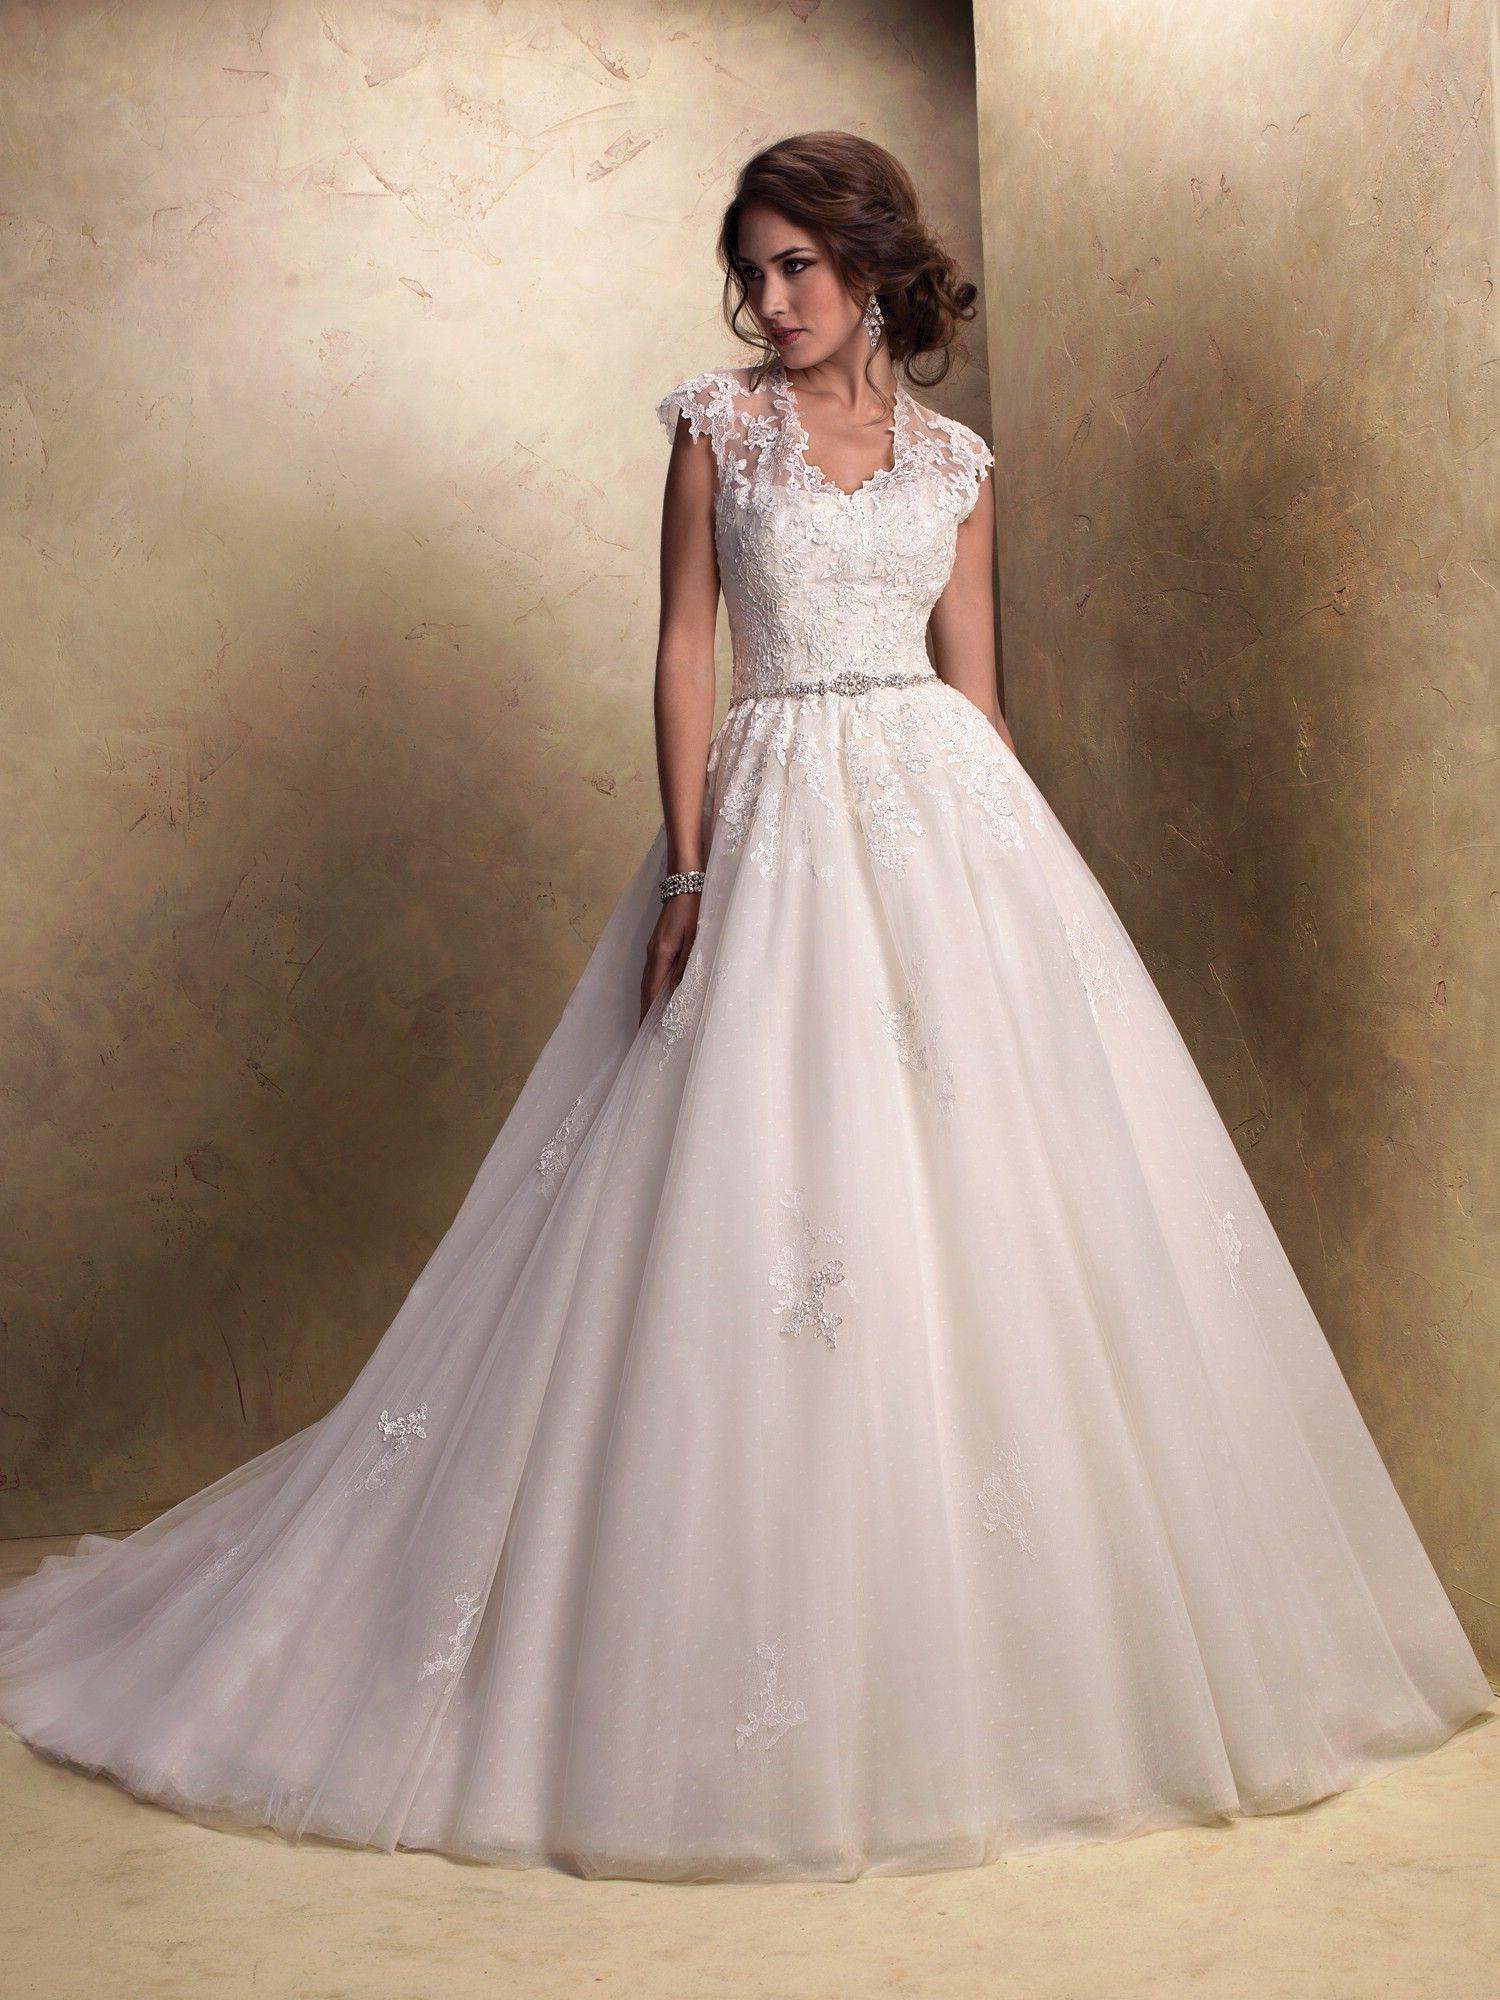 Maggie Sottero Wedding Dresses - Style Windsor 19823/19823JK 2013 ...